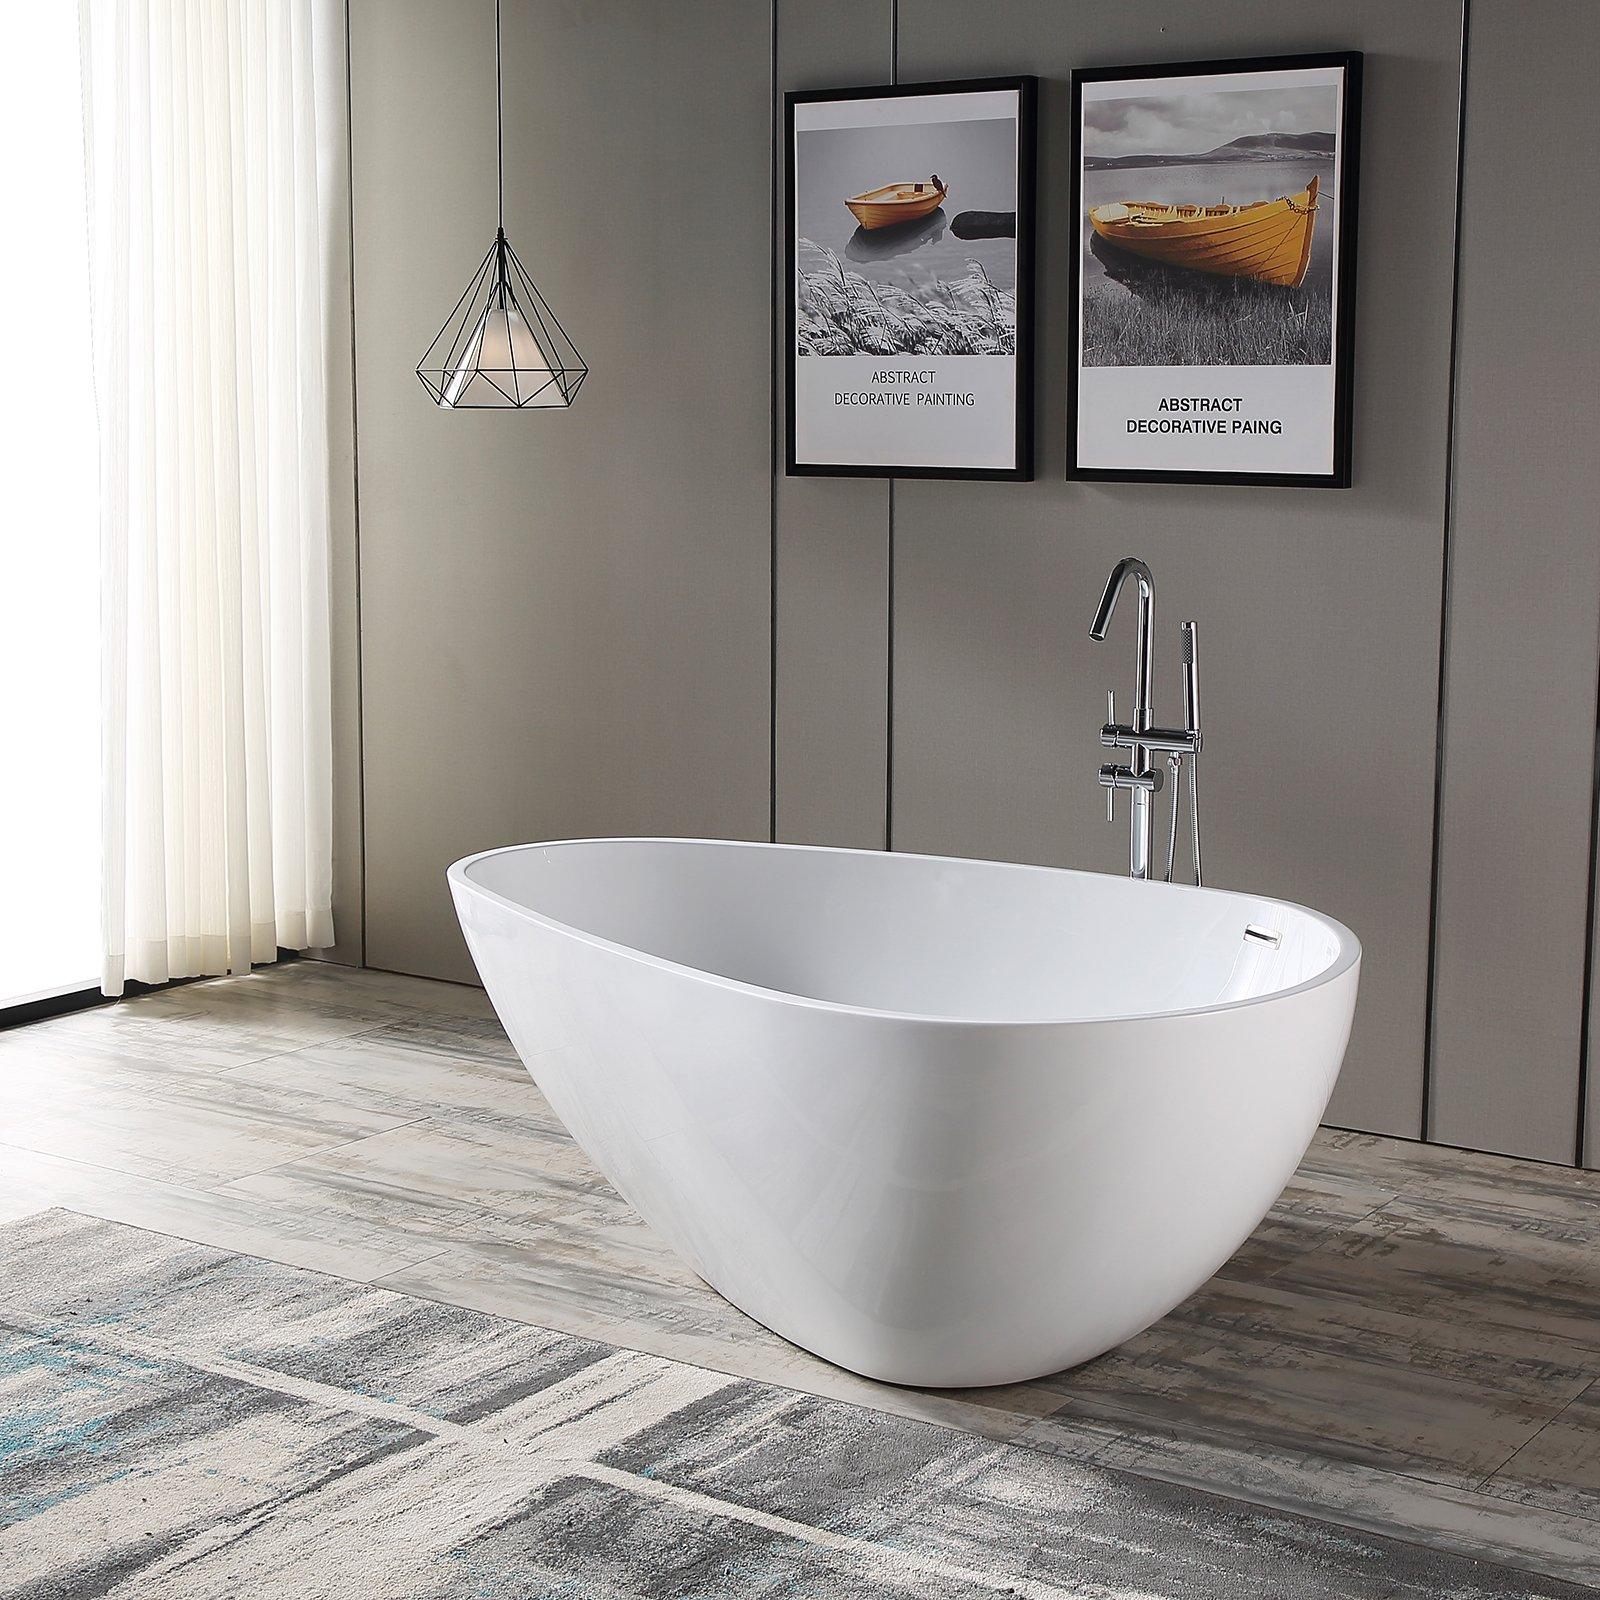 Freistehende Badewanne VENETO Acryl Weiß oder Schwarz/Weiß - Glänzend - 180 x 110 x 60 cm - Standarmatur wählbar zoom thumbnail 3